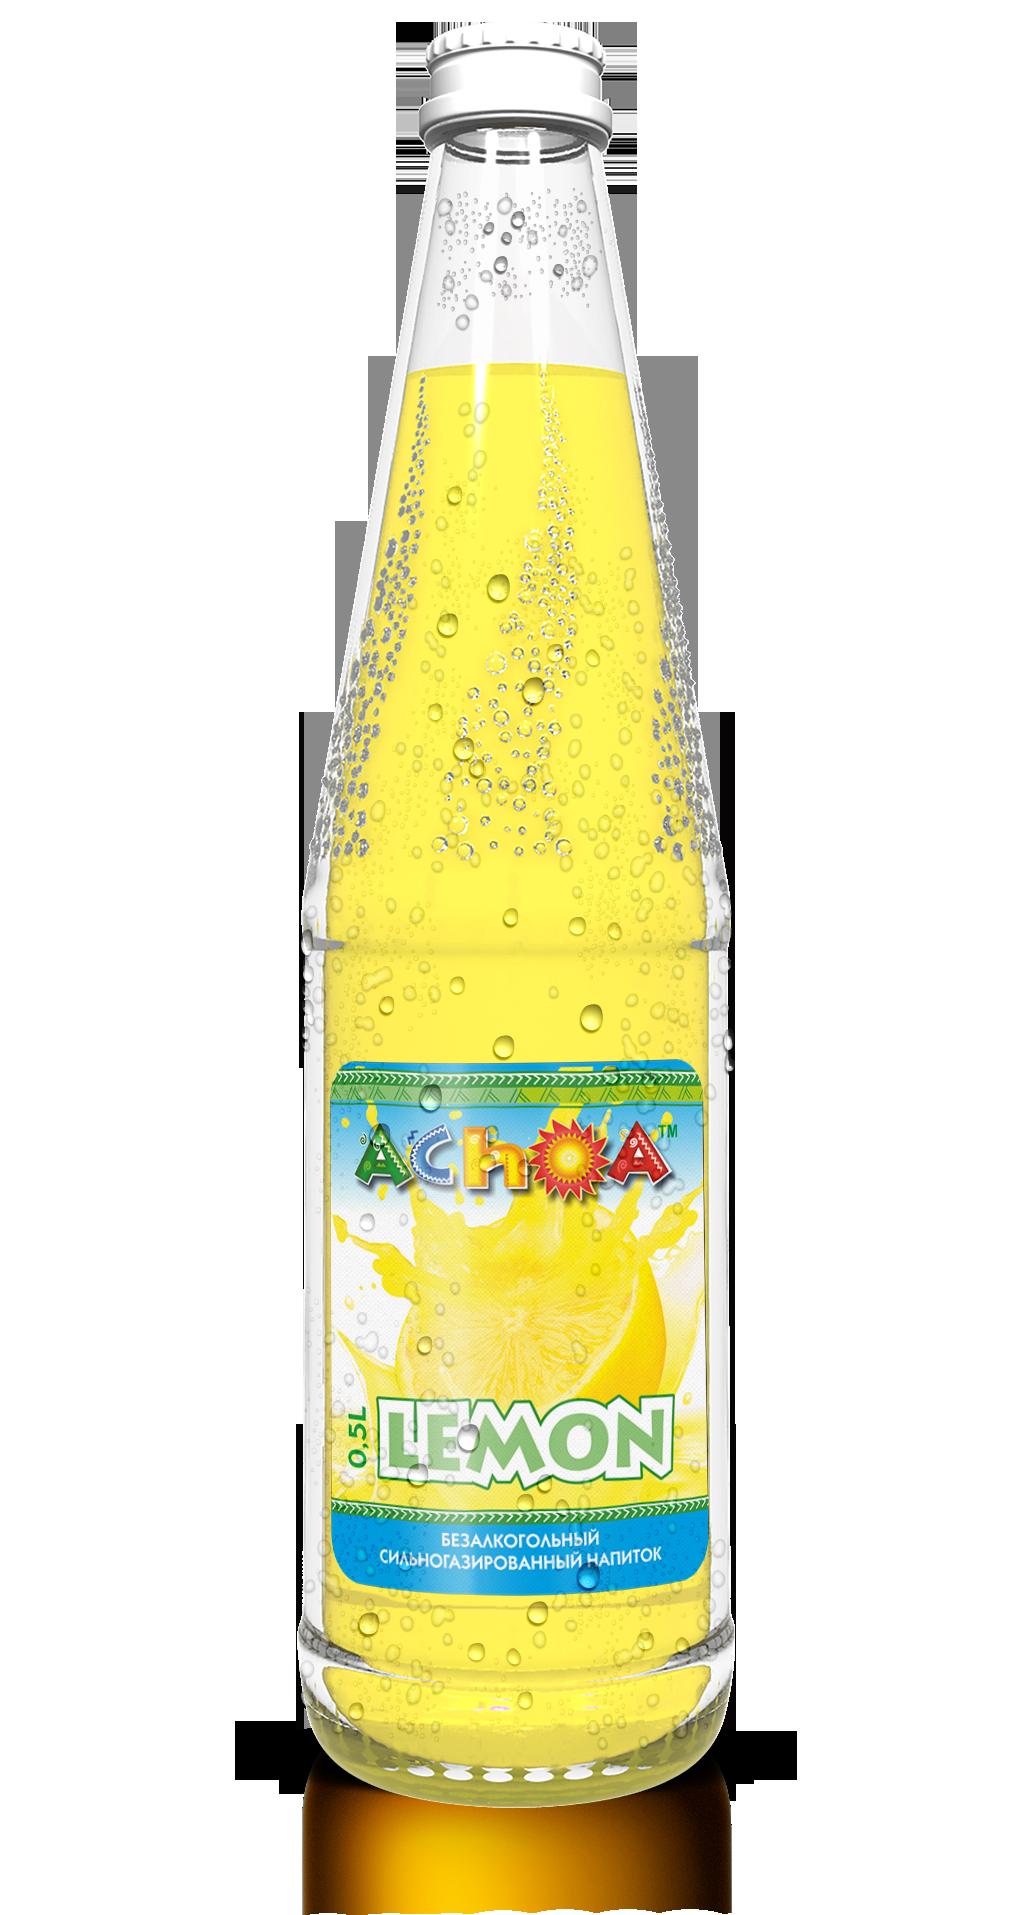 Прикольная картинка лимонад, день